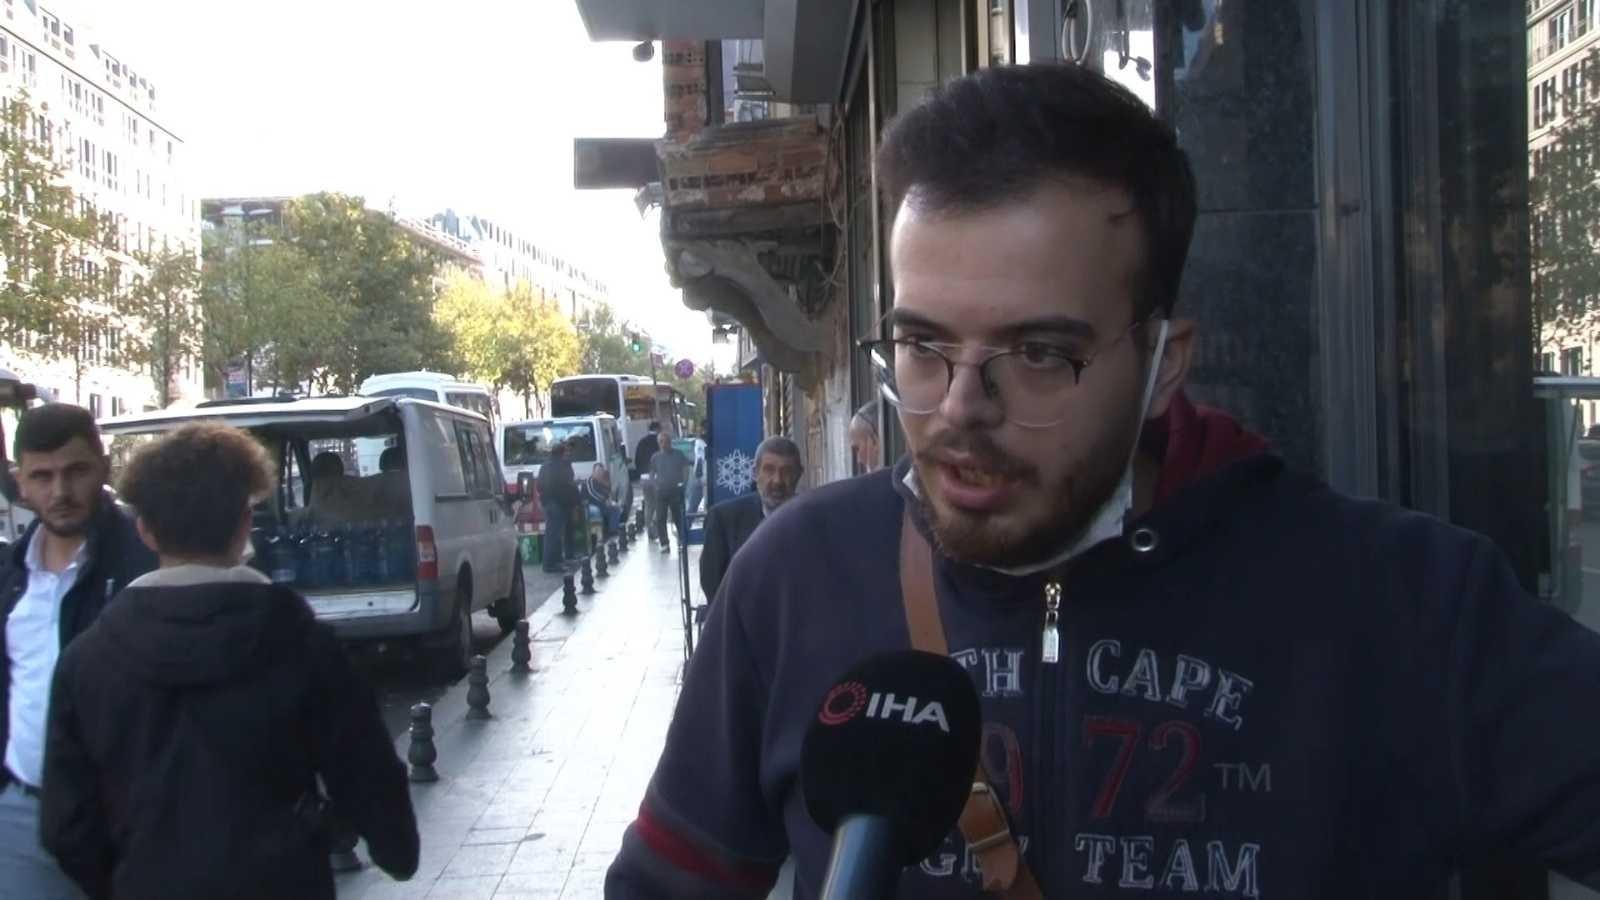 (Özel) Beyoğlu'nda organize yankesicilik: 5 kişi turistin telefonunu çaldı